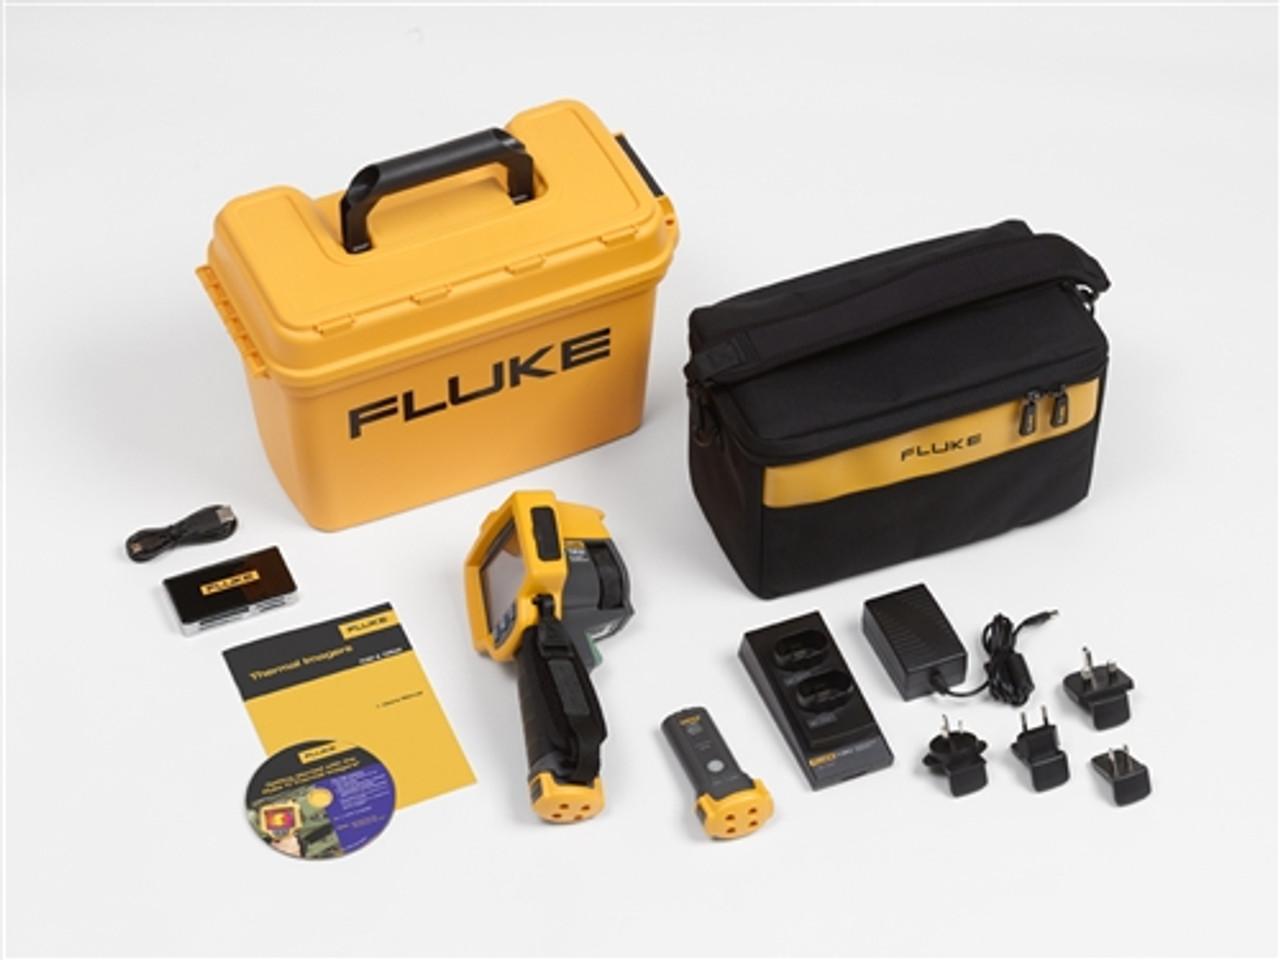 Clearance/Demo - Fluke TiR32 Thermal Imager